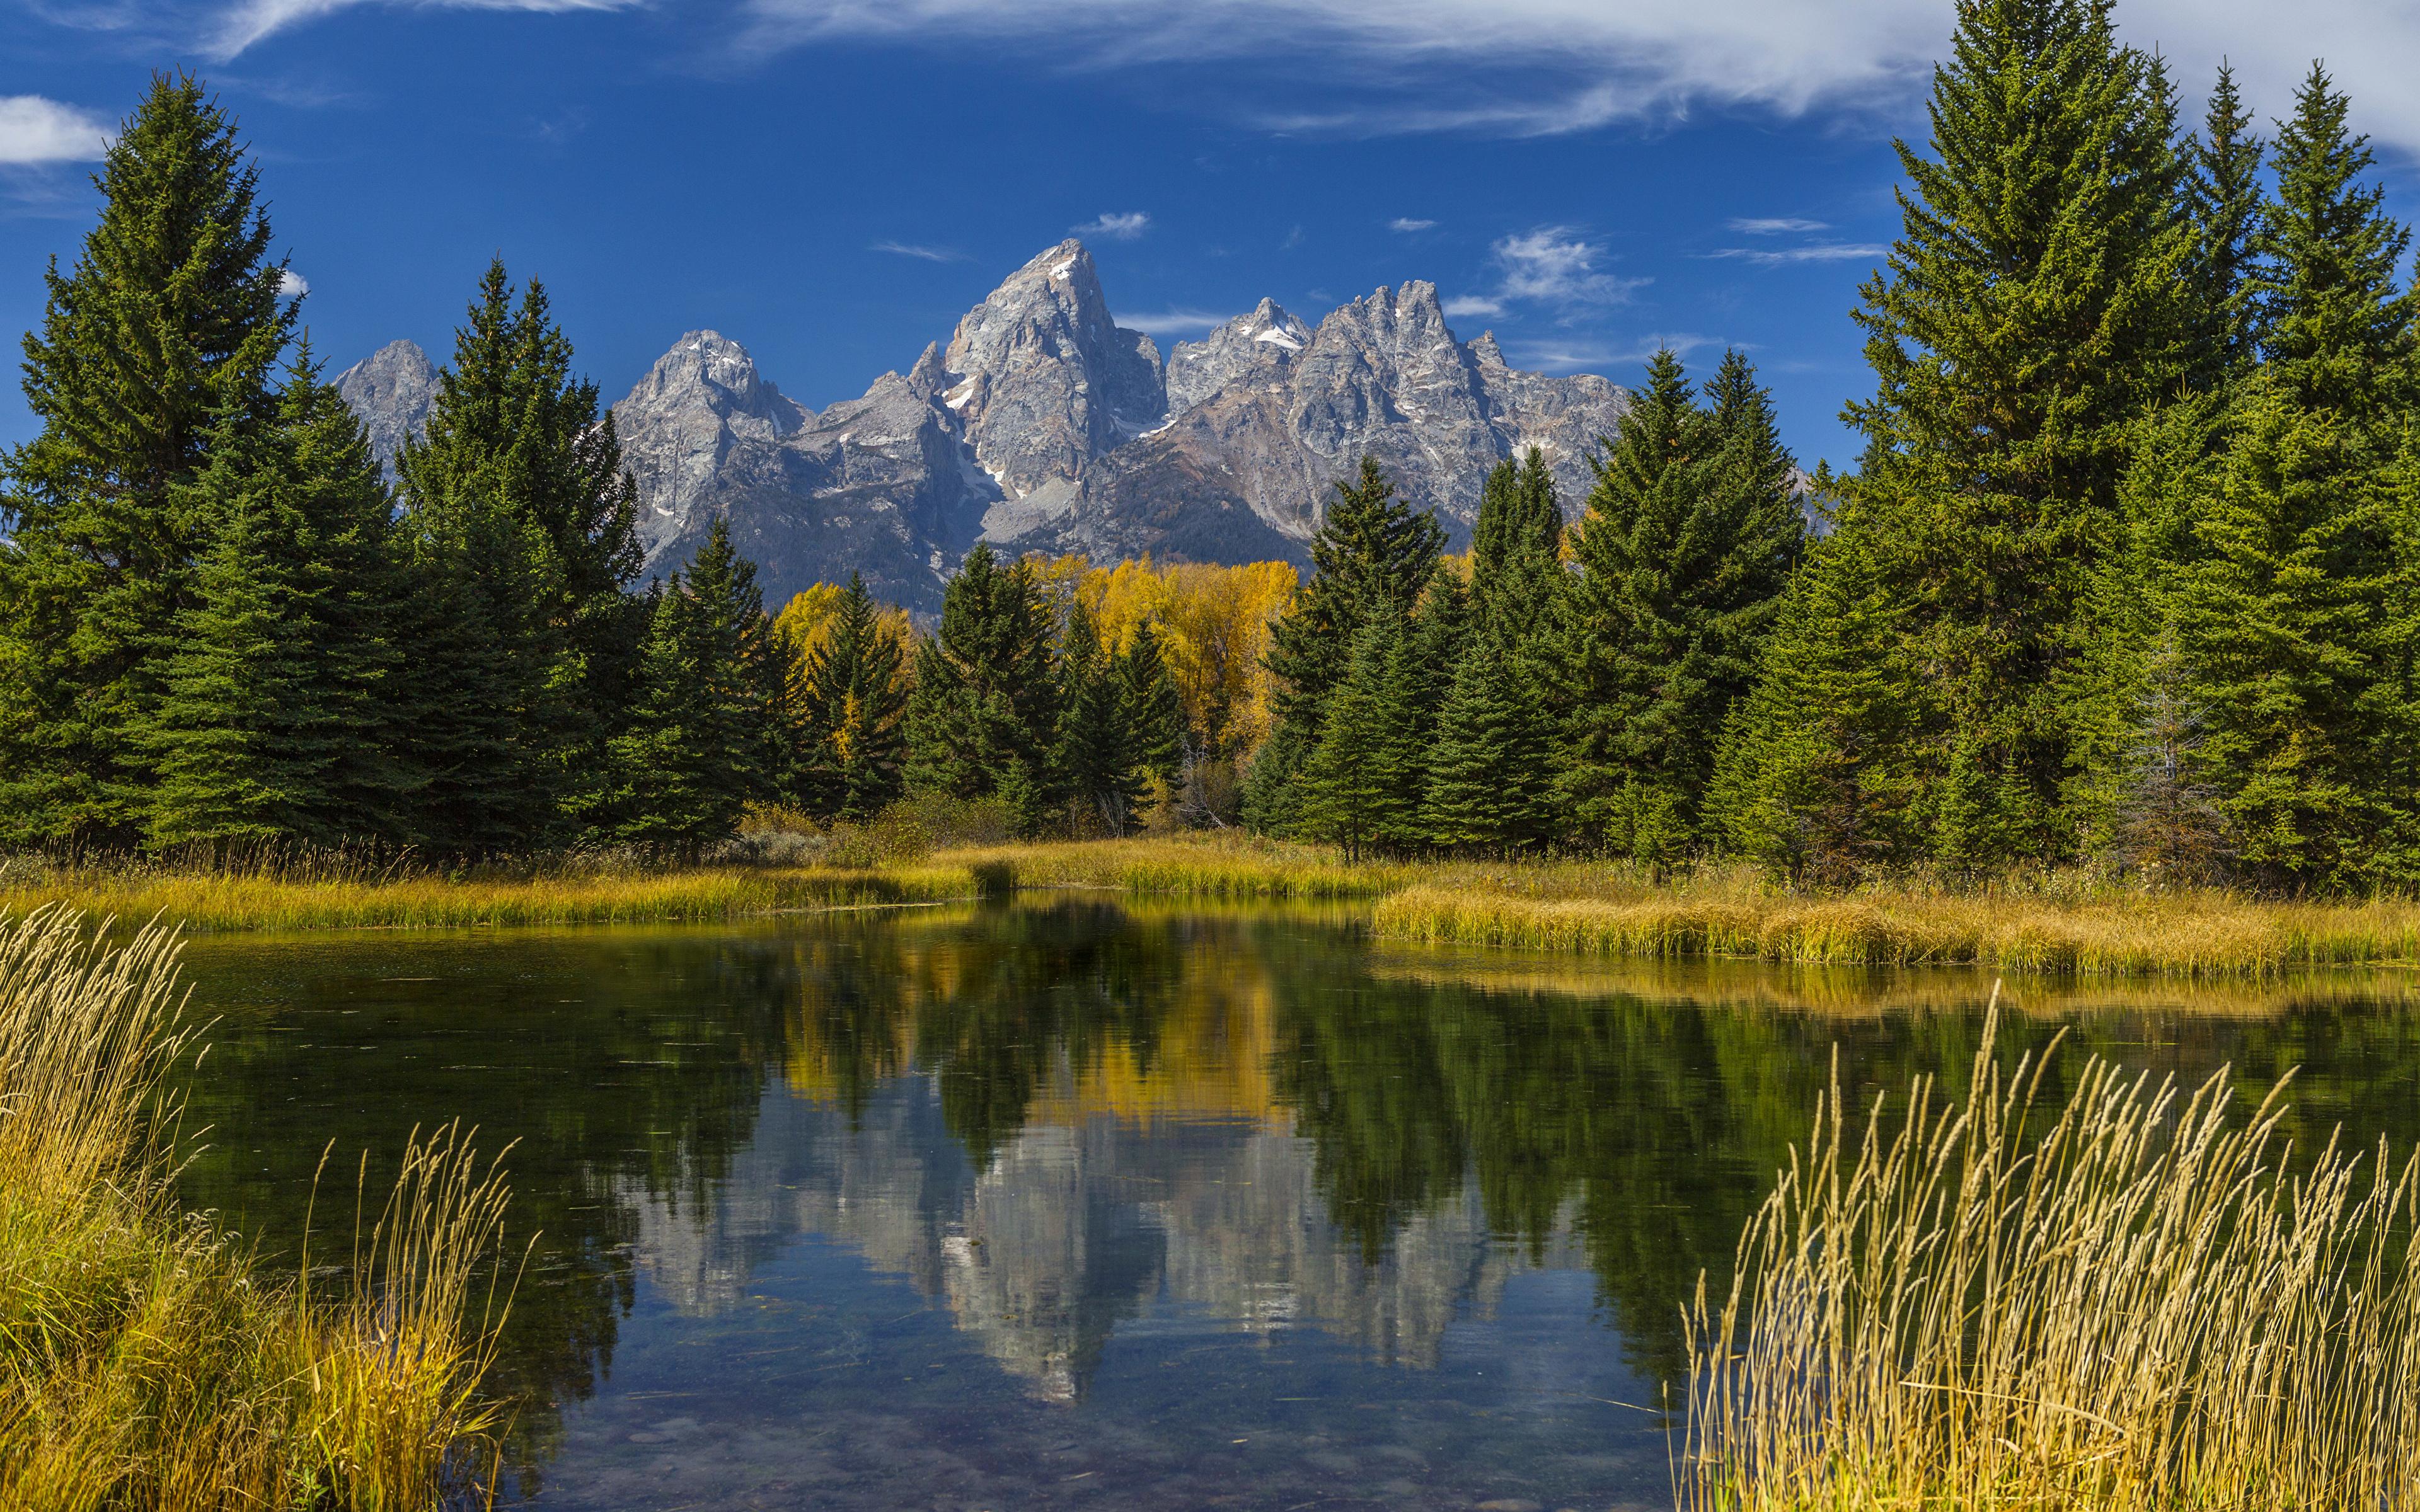 foto de Fonds d'ecran 3840x2400 USA Parc Montagnes Forêts Lac Automne ...